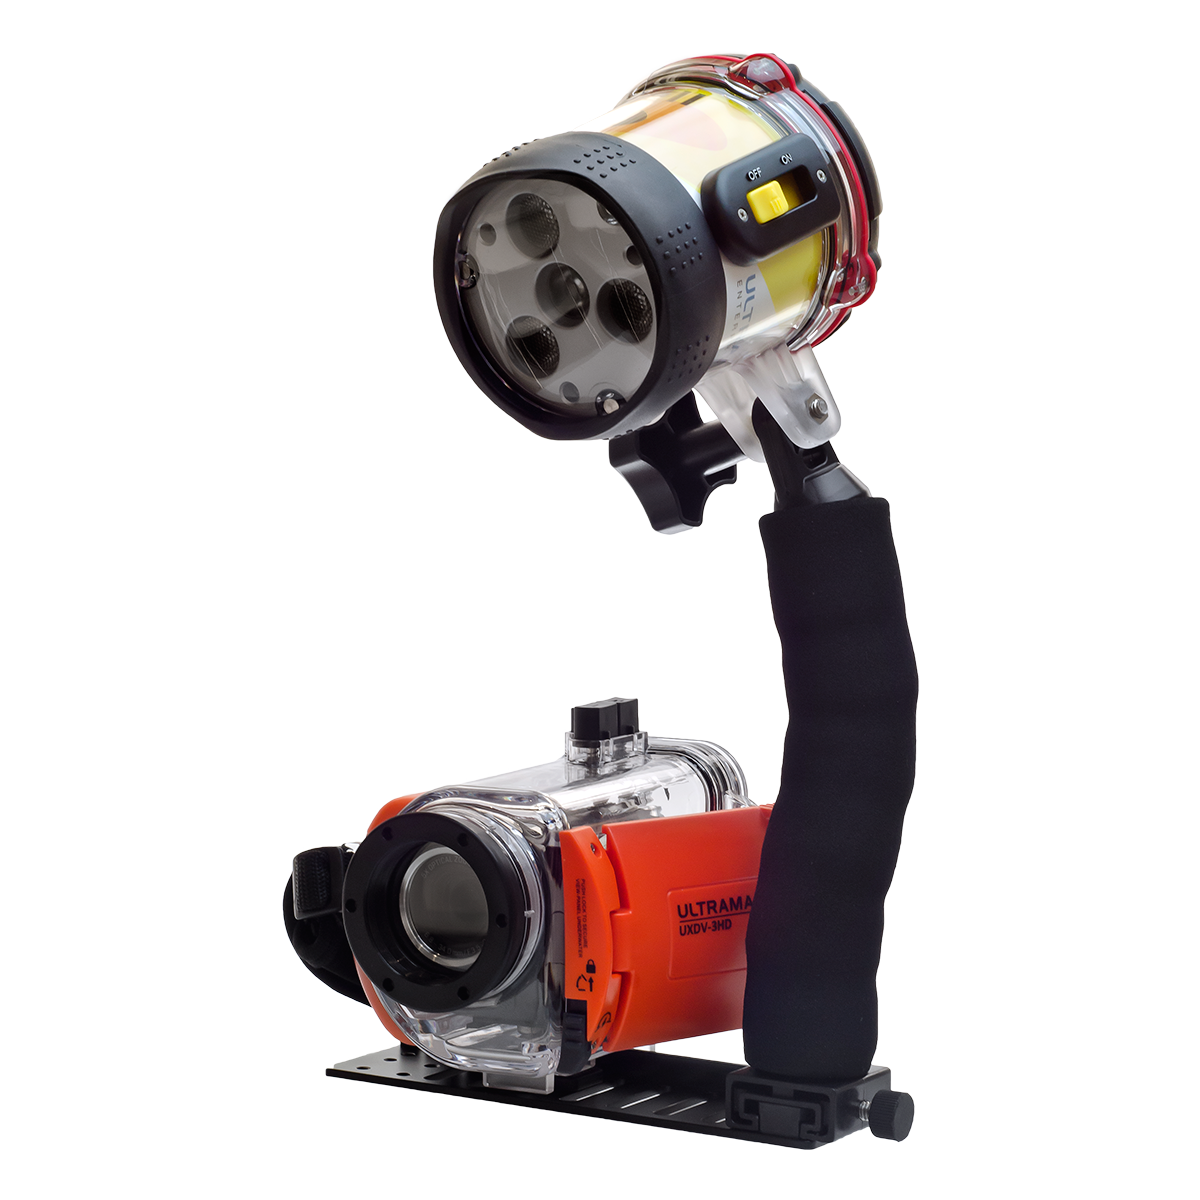 ULTRAMAX FULL HD 1080P Digital Video Camera - PREMIUM PACKAGE